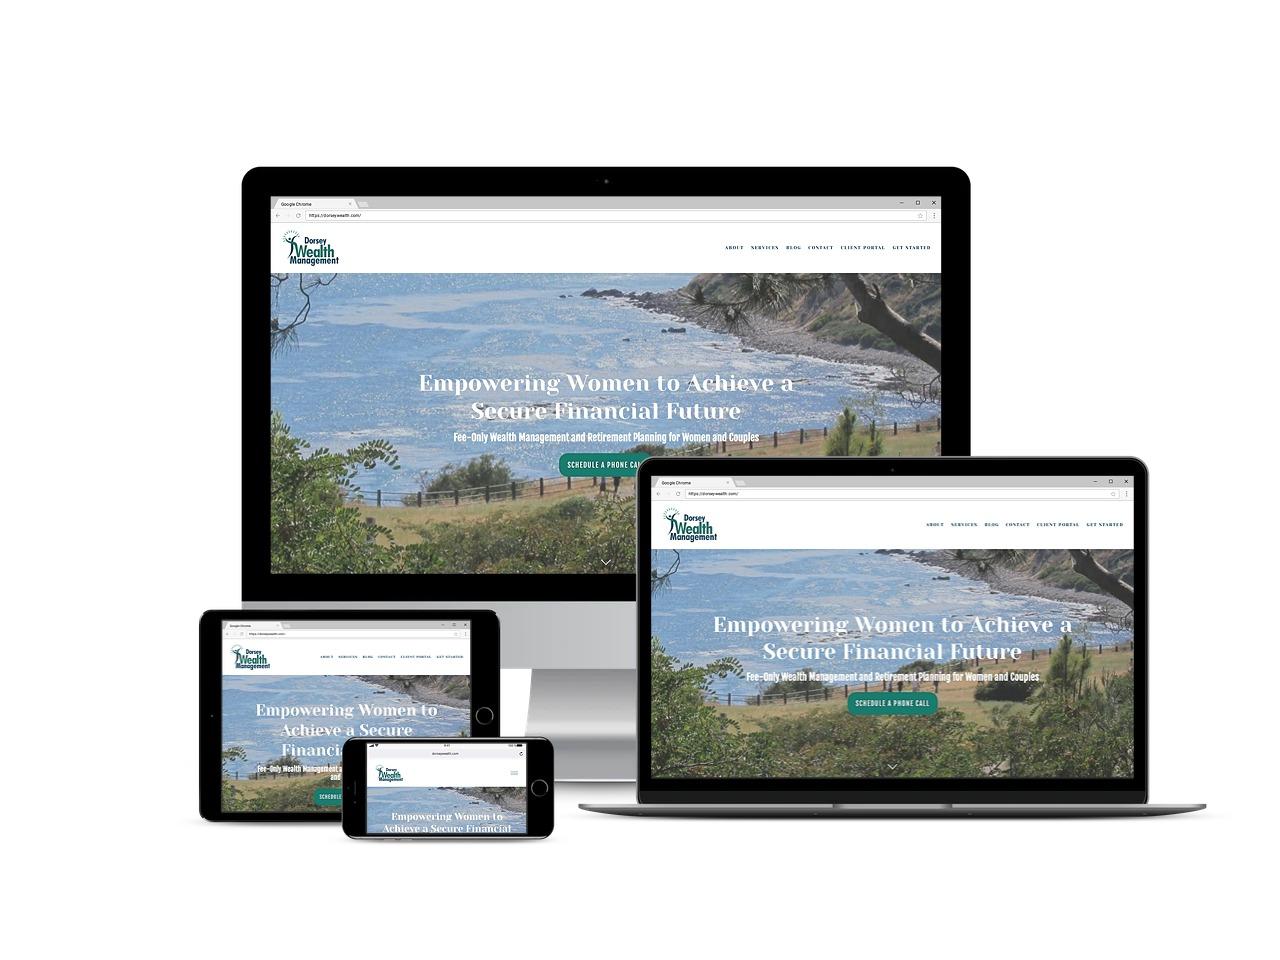 dorsey wealth management poc people of color financial advisor website